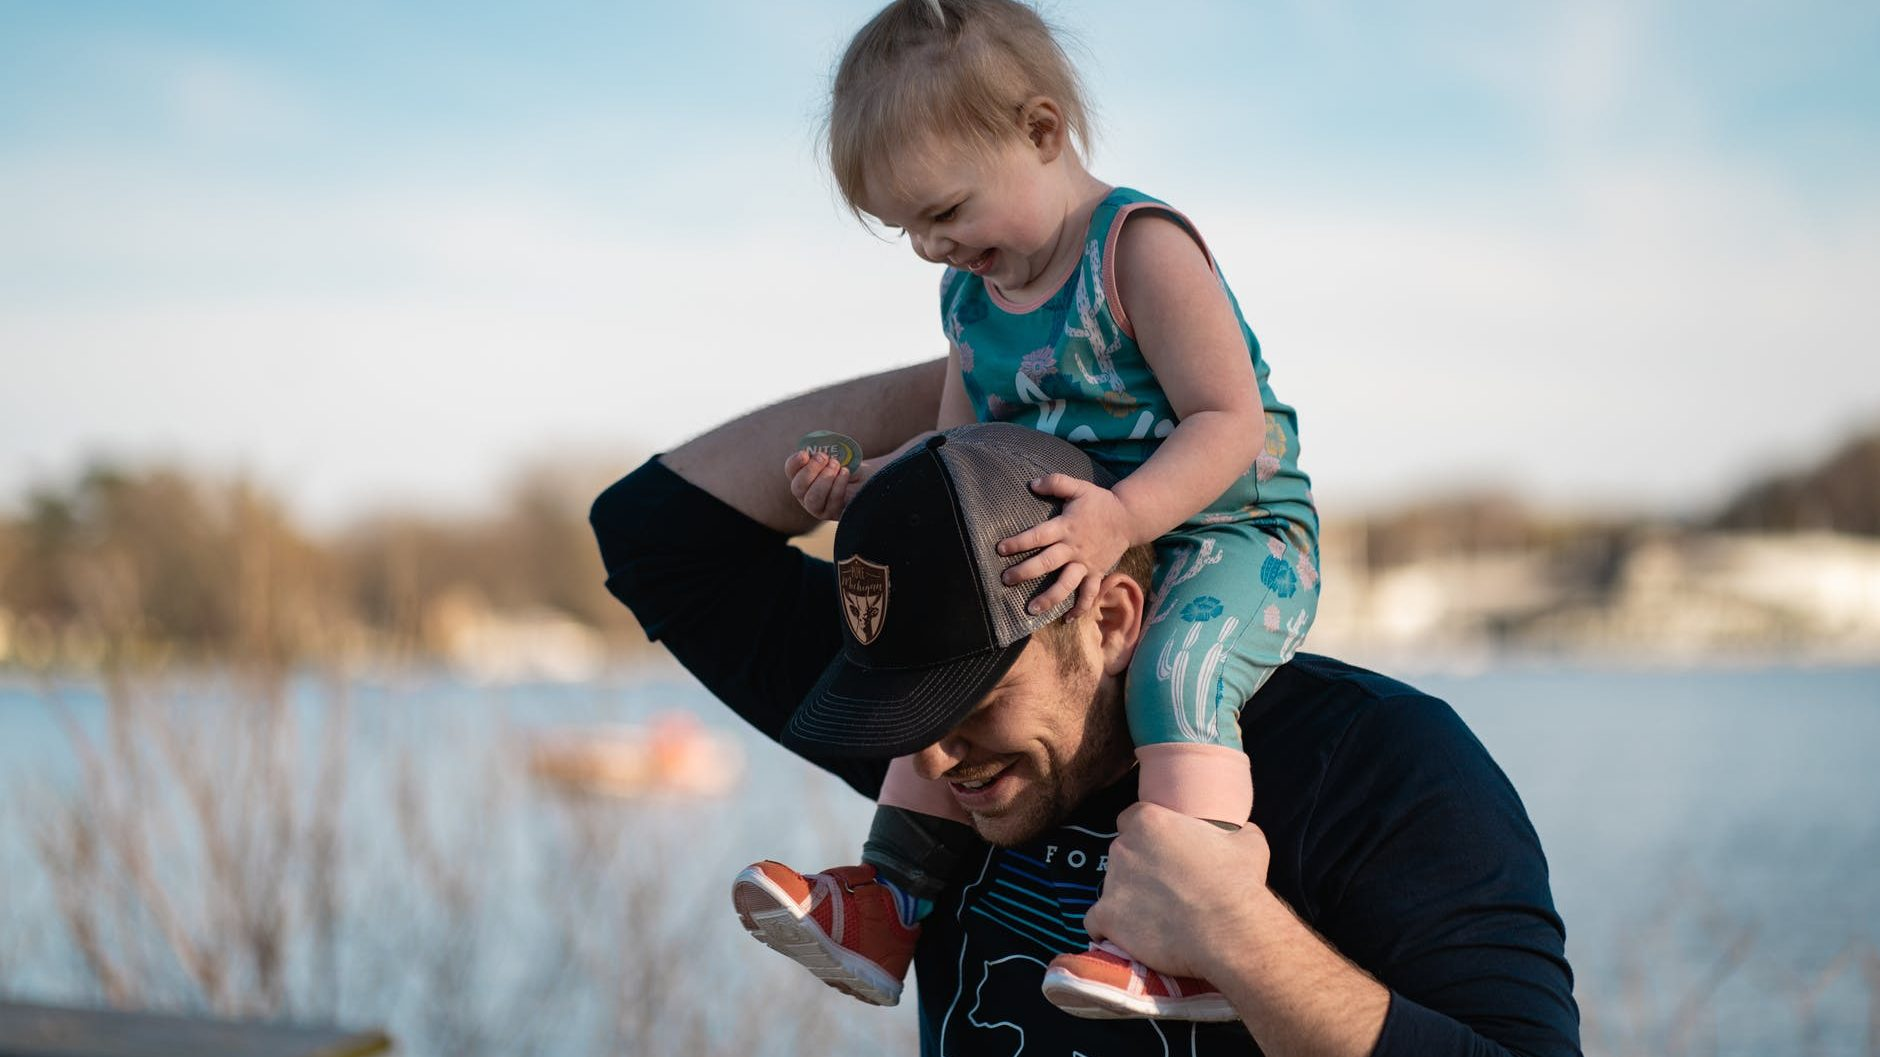 Ima neka tajna veza: O očevima i kćerima